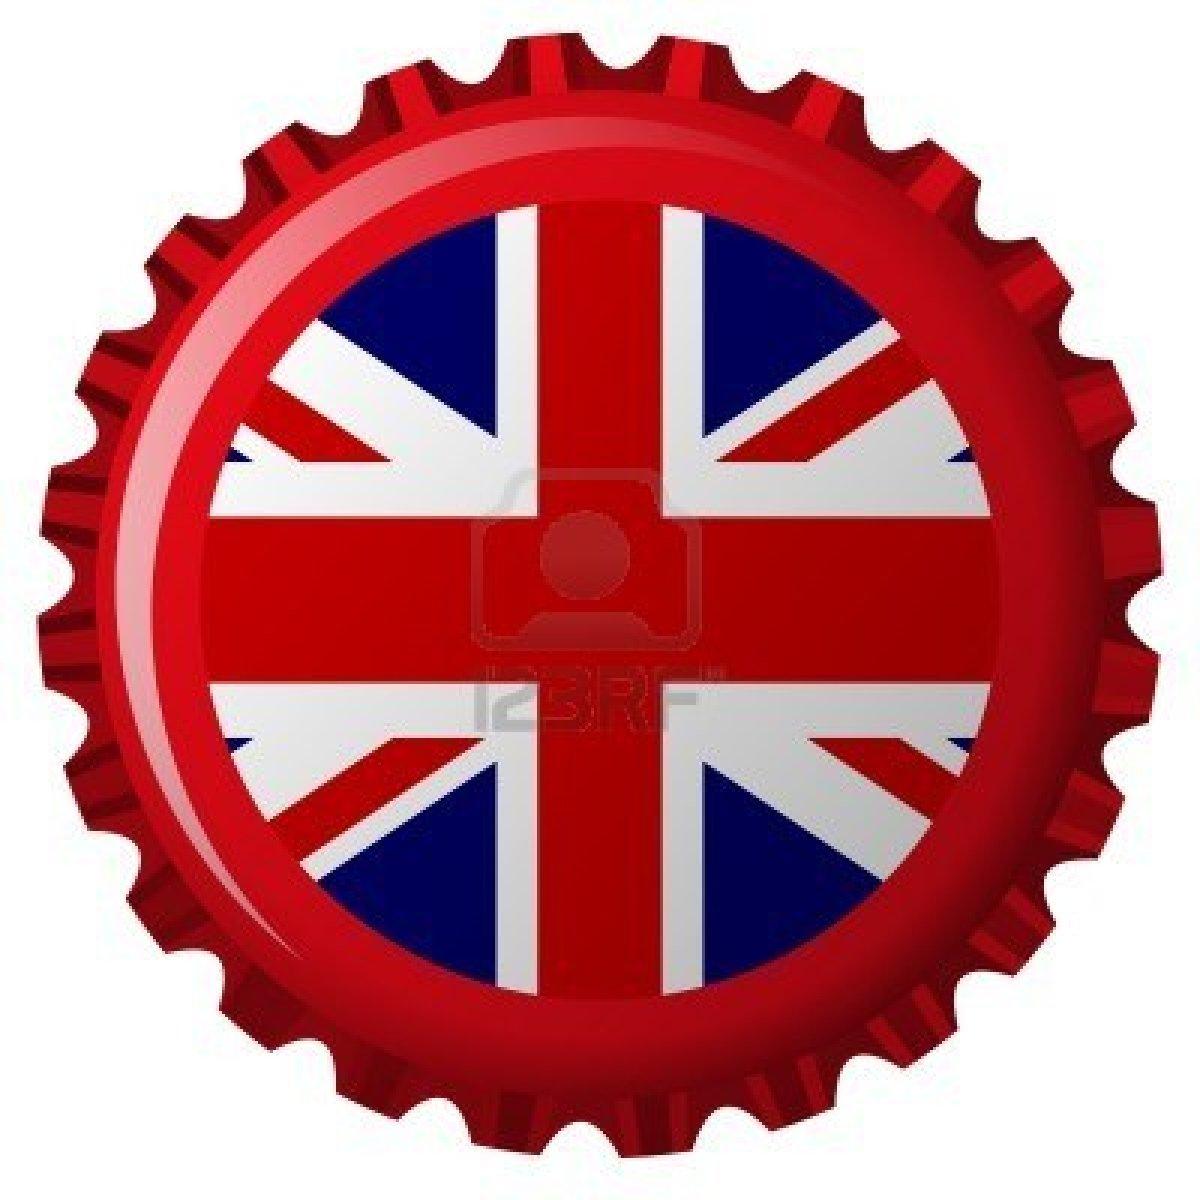 united-kingdom-stylized-flag-on-bottle-cap